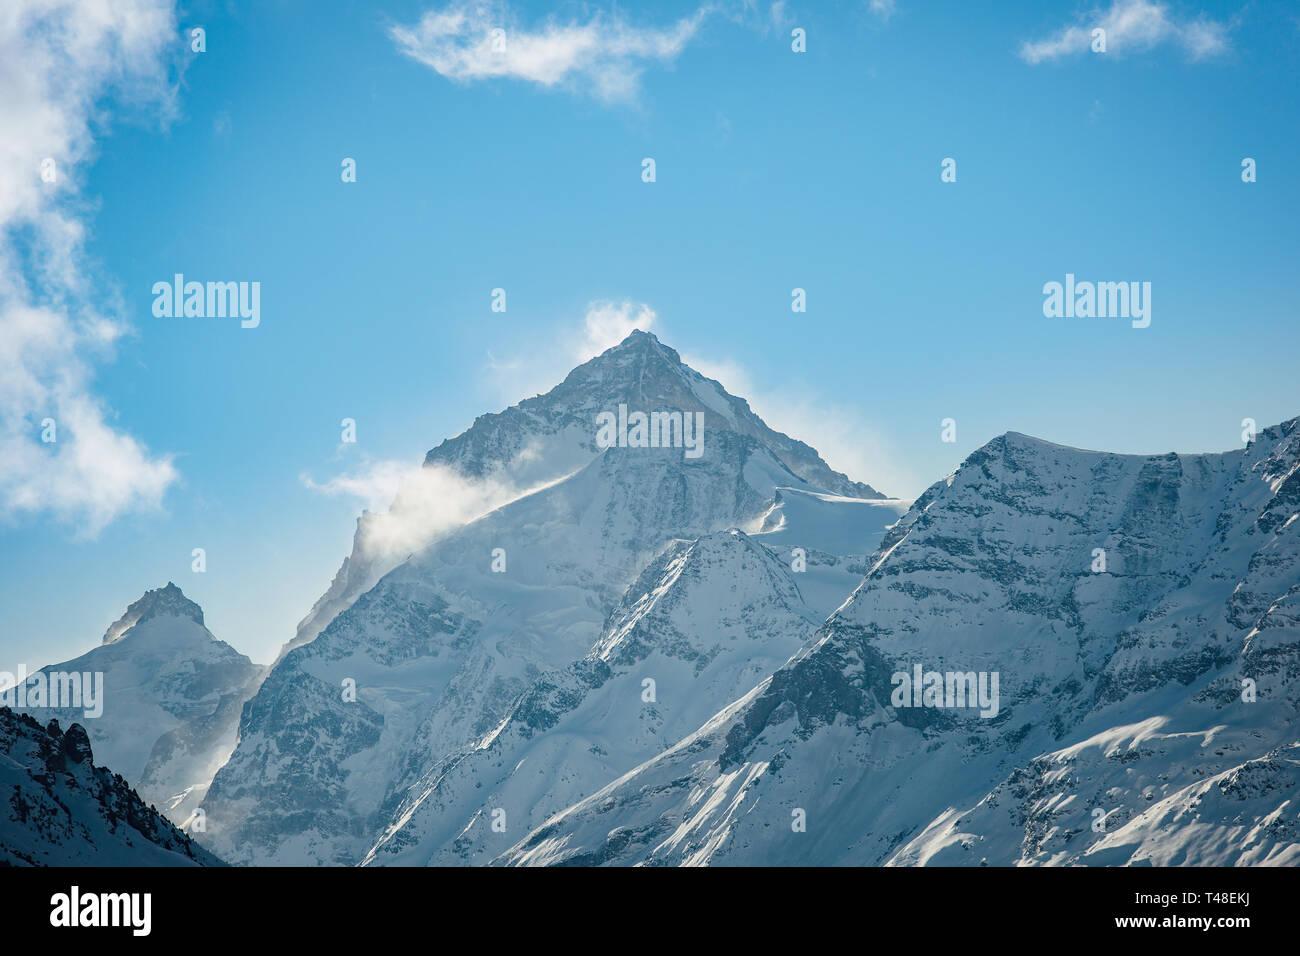 La Dent Blanche montaña, culminando a 4'357 metros, Valais, Suiza. Foto de stock